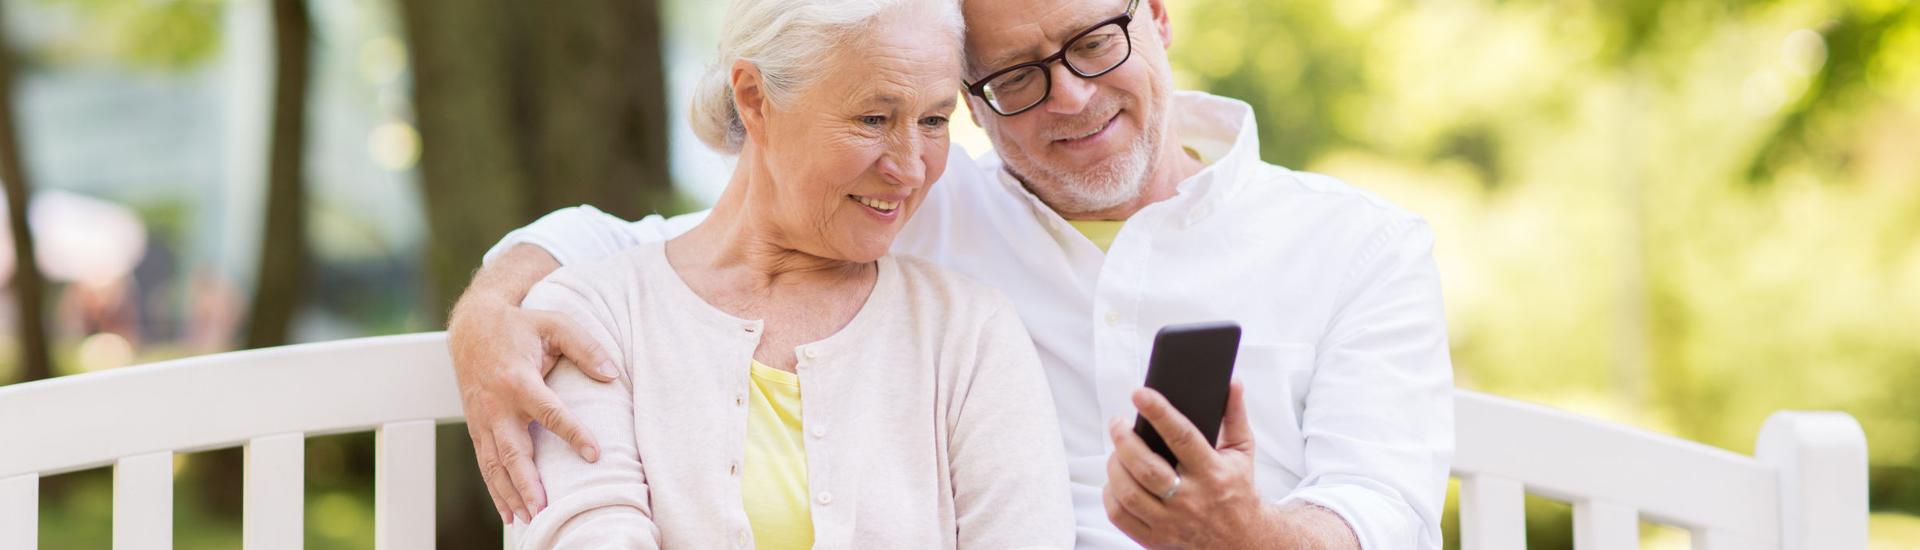 Zwei ältere Menschen gucken auf ein Handy